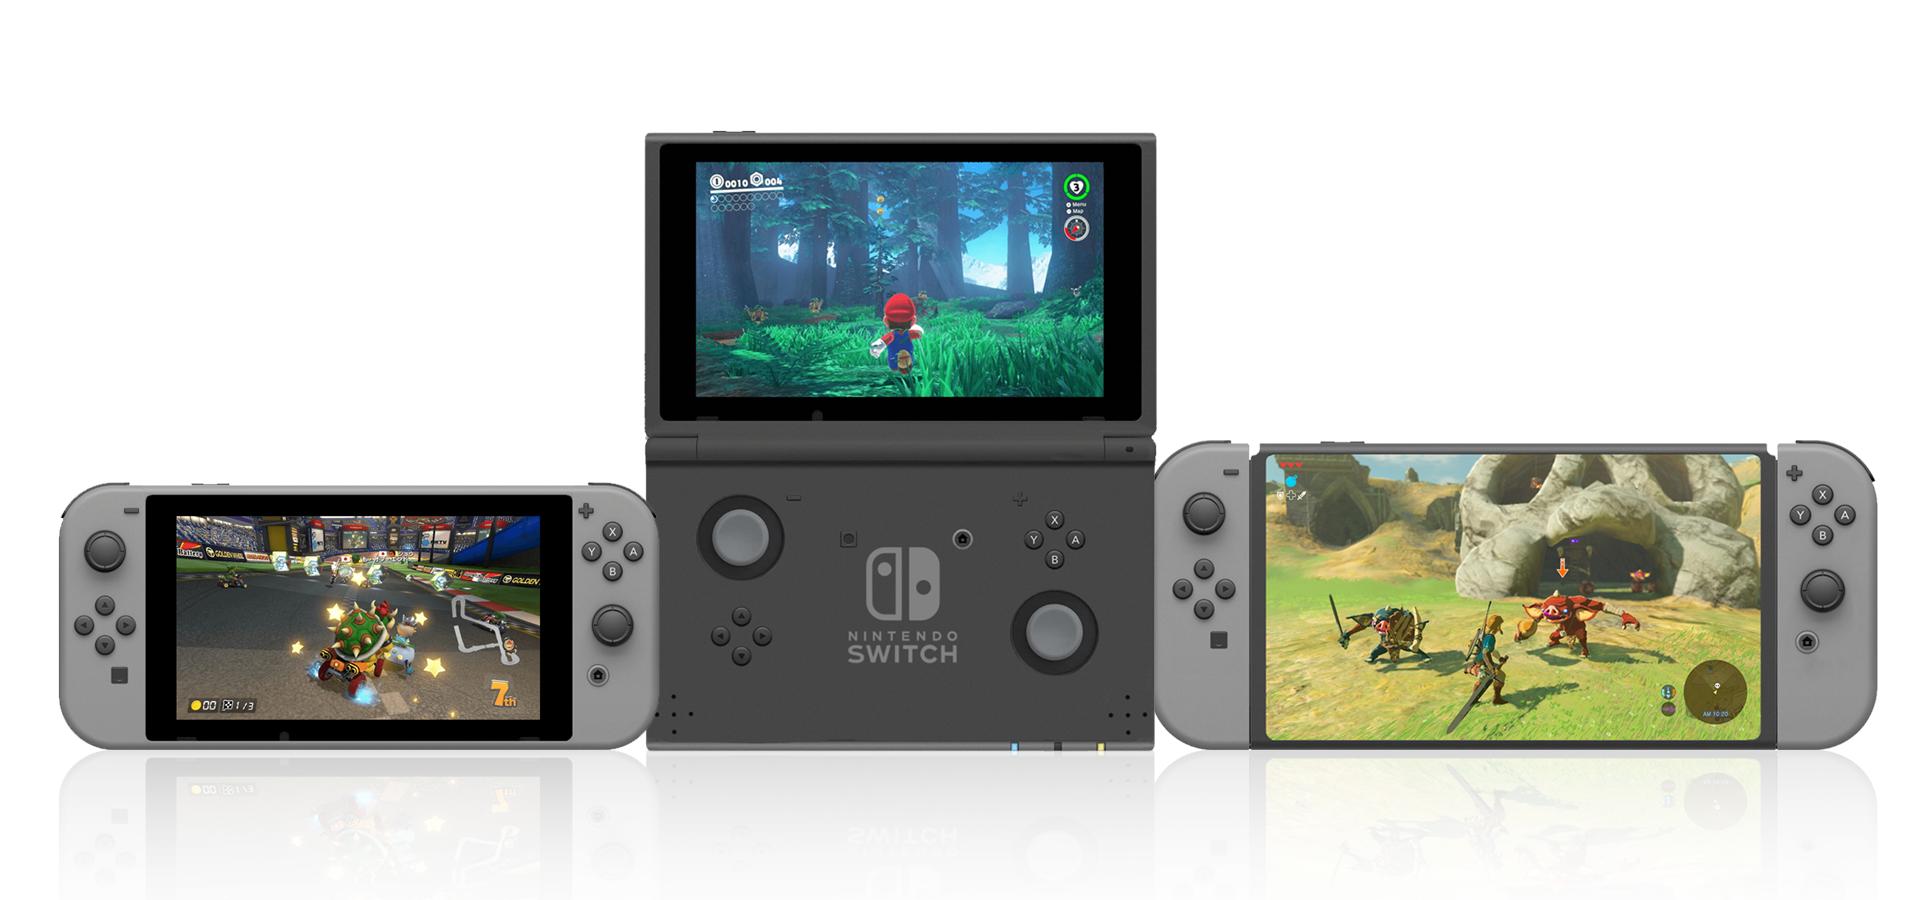 #游话说# Switch 可能要出新款,你希望它会有哪些变化呢?